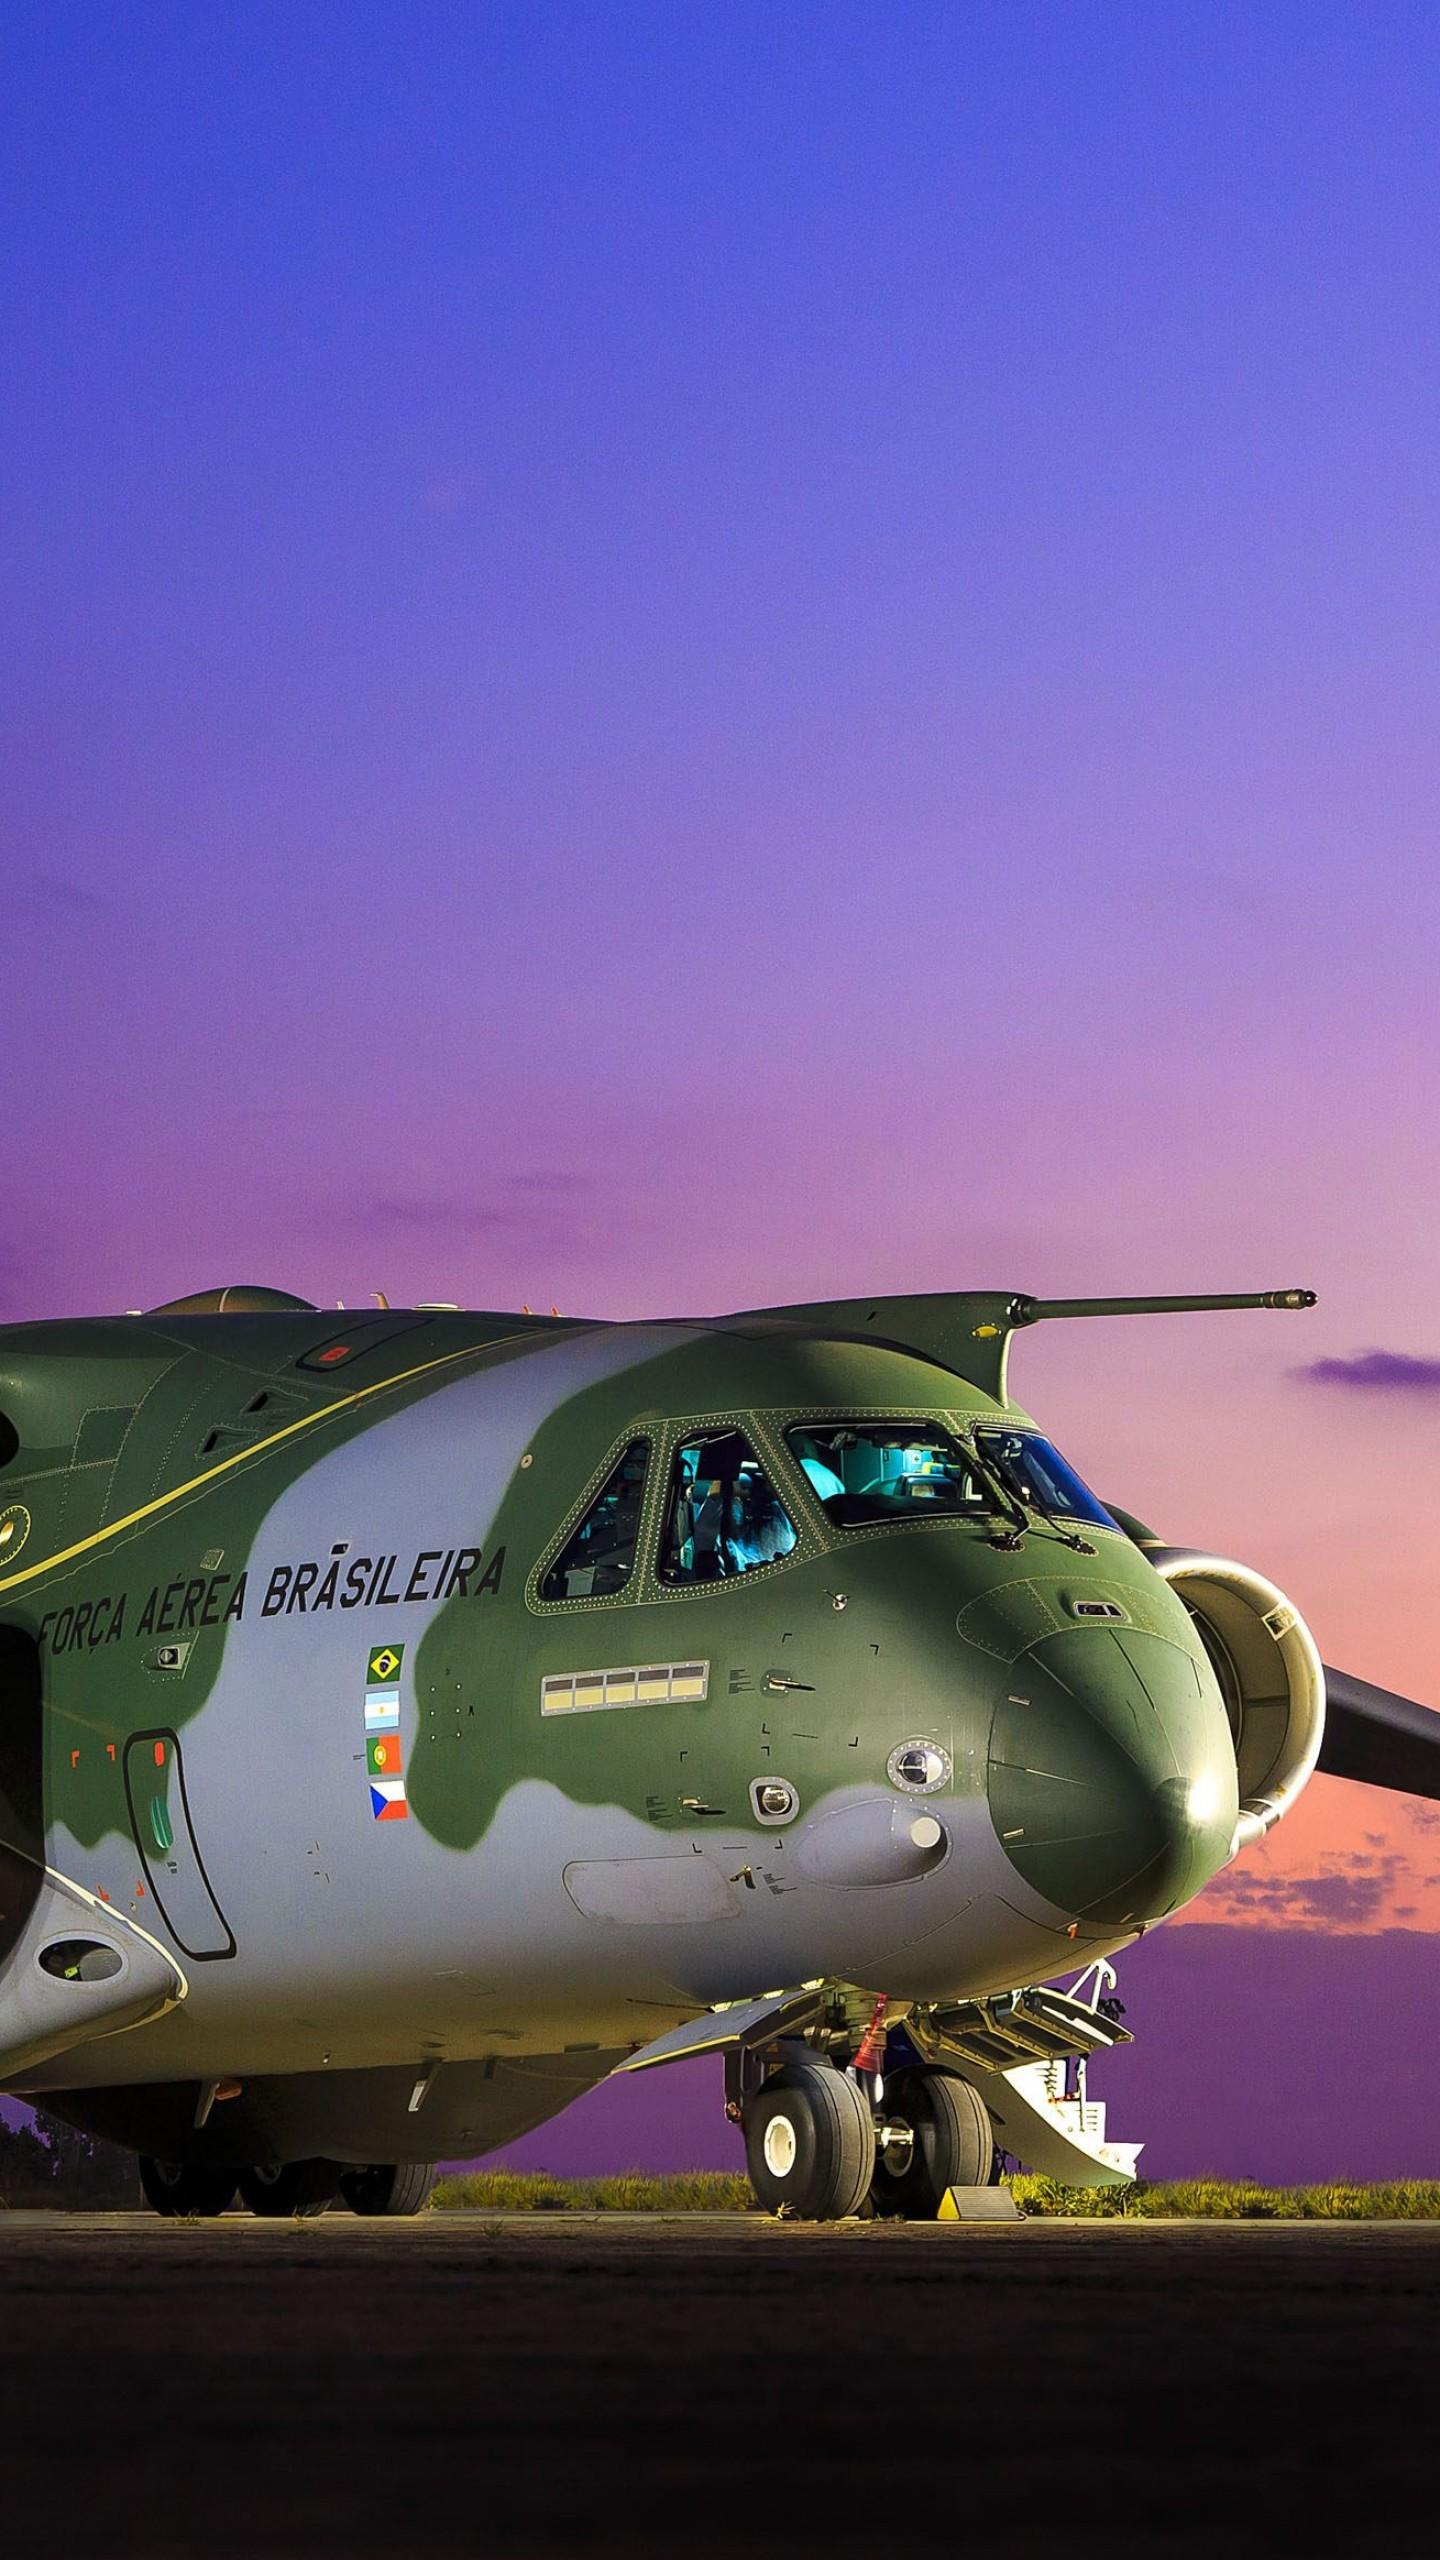 عکس زمینه هواپیمای حمل و نقل نظامی پس زمینه